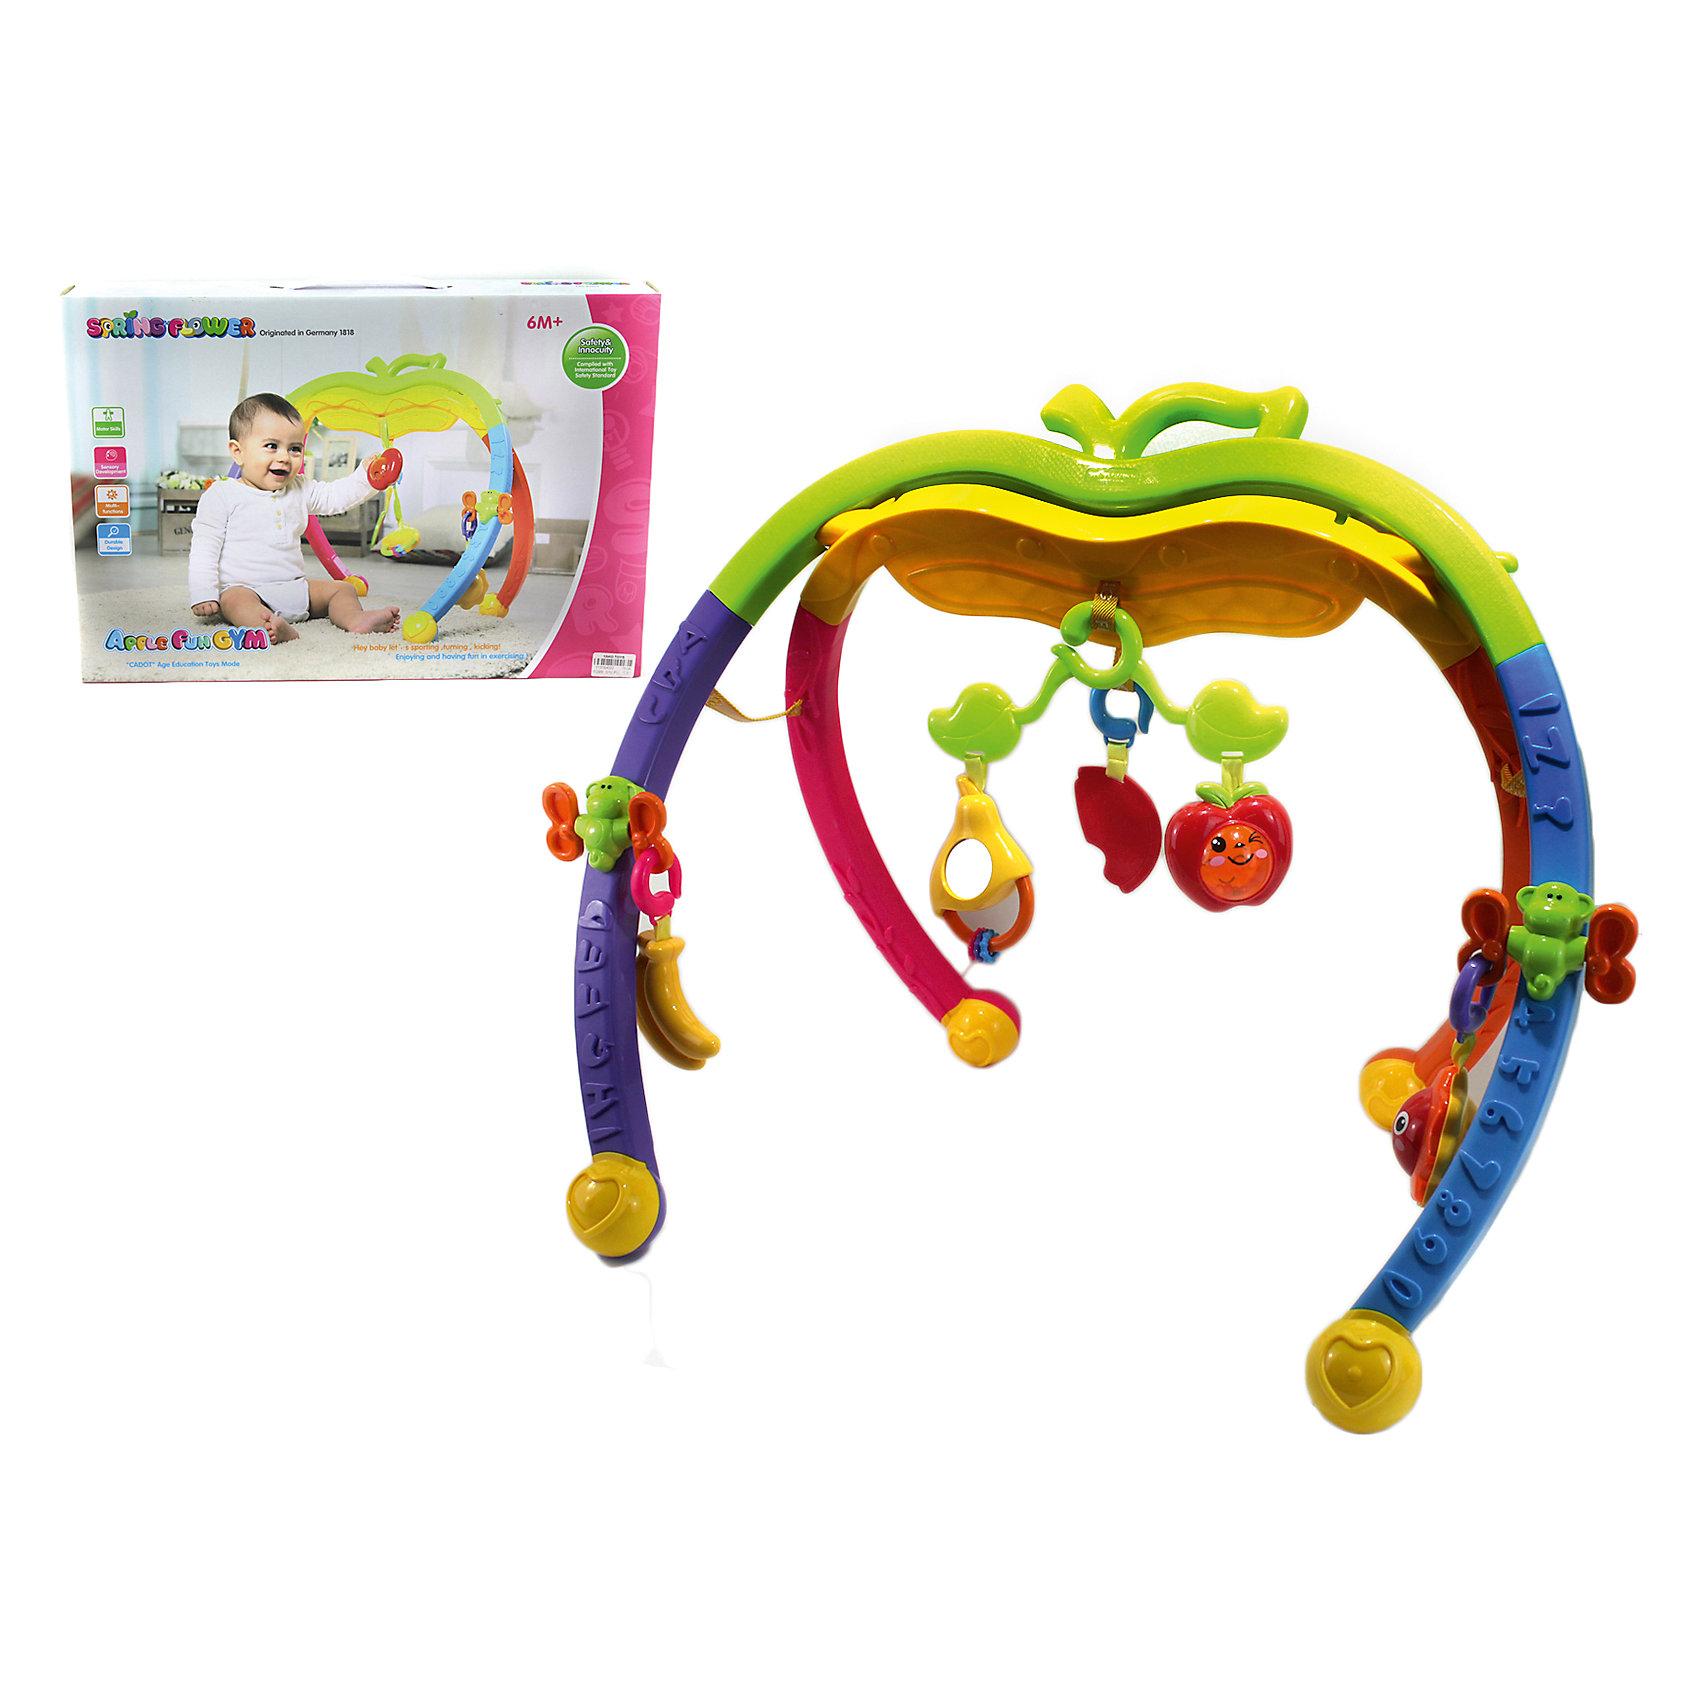 Игровой комплекс Яблочко, Shantou GepaiИгровые столики и центры<br>Игровой комплекс Яблочко, Shantou Gepai – это веселый модуль-игрушка, с которым так весело играть и развиваться! Модуль ставится изогнутыми ножками на плоскую поверхность и к нему прикрепляются игрушки-подвески. Верхняя перекладина представлена в виде верхушки яблочка. Игрушки представлены в виде фруктов: бананы, яблочки, арбузик и симпатичная груша с зеркальцем. С этим модулем лучше играть сидя или стоя. Яркие цвета модуля придут малышу по вкусу и помогут ему развить цветовосприятие, а текстурные игрушки и погремушки поспособствуют развитию звукового и тактильного восприятия.<br>Дополнительная информация:<br><br>- В комплект входит: 1 игровой комплекс, игрушки-подвески<br>- Материал: АБС пластик<br><br>Игровой комплекс Яблочко, Shantou Gepai можно купить в нашем интернет-магазине.<br><br>Подробнее:<br>• Для детей в возрасте: от 6 месяцев до 3 лет<br>• Номер товара: 4925506<br>Страна производитель: Китай<br><br>Ширина мм: 520<br>Глубина мм: 80<br>Высота мм: 360<br>Вес г: 12611<br>Возраст от месяцев: 6<br>Возраст до месяцев: 36<br>Пол: Унисекс<br>Возраст: Детский<br>SKU: 4925506